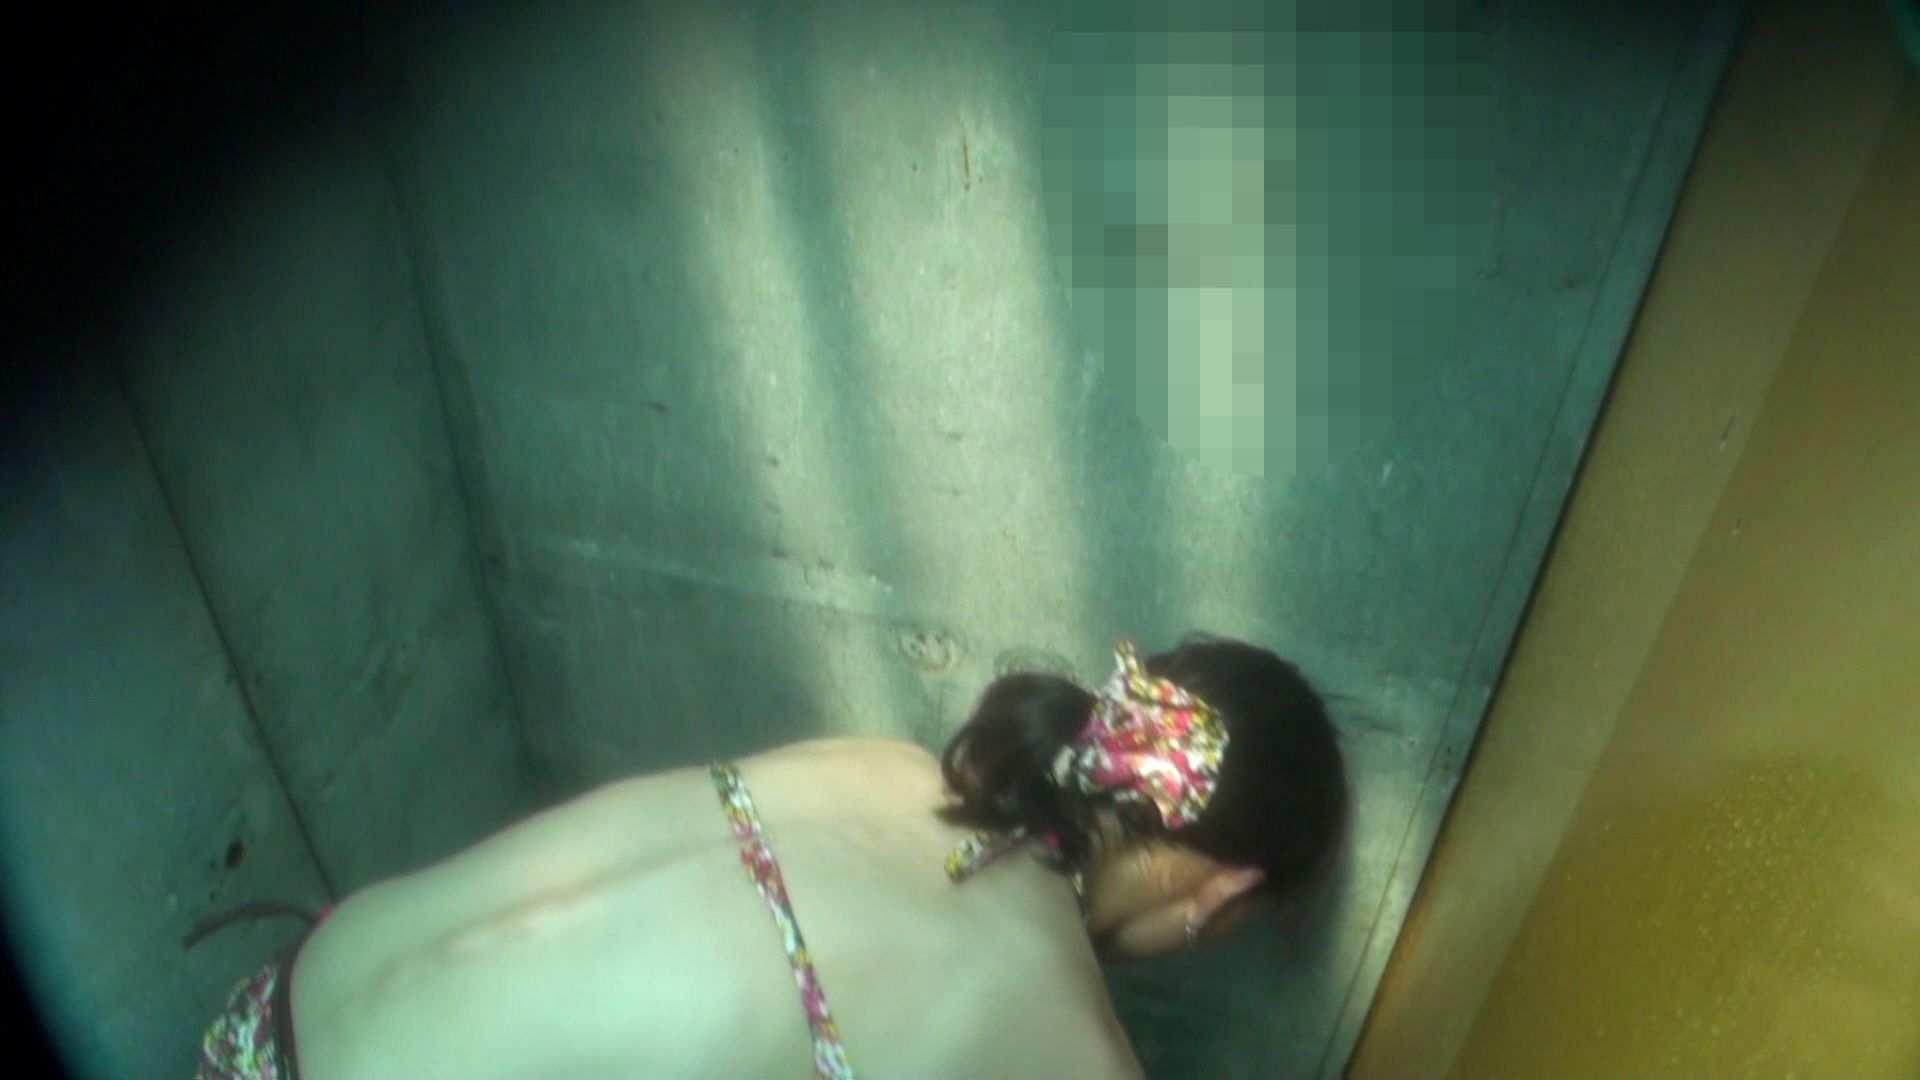 シャワールームは超!!危険な香りVol.16 意外に乳首は年増のそれ チクビ 盗撮画像 105画像 102